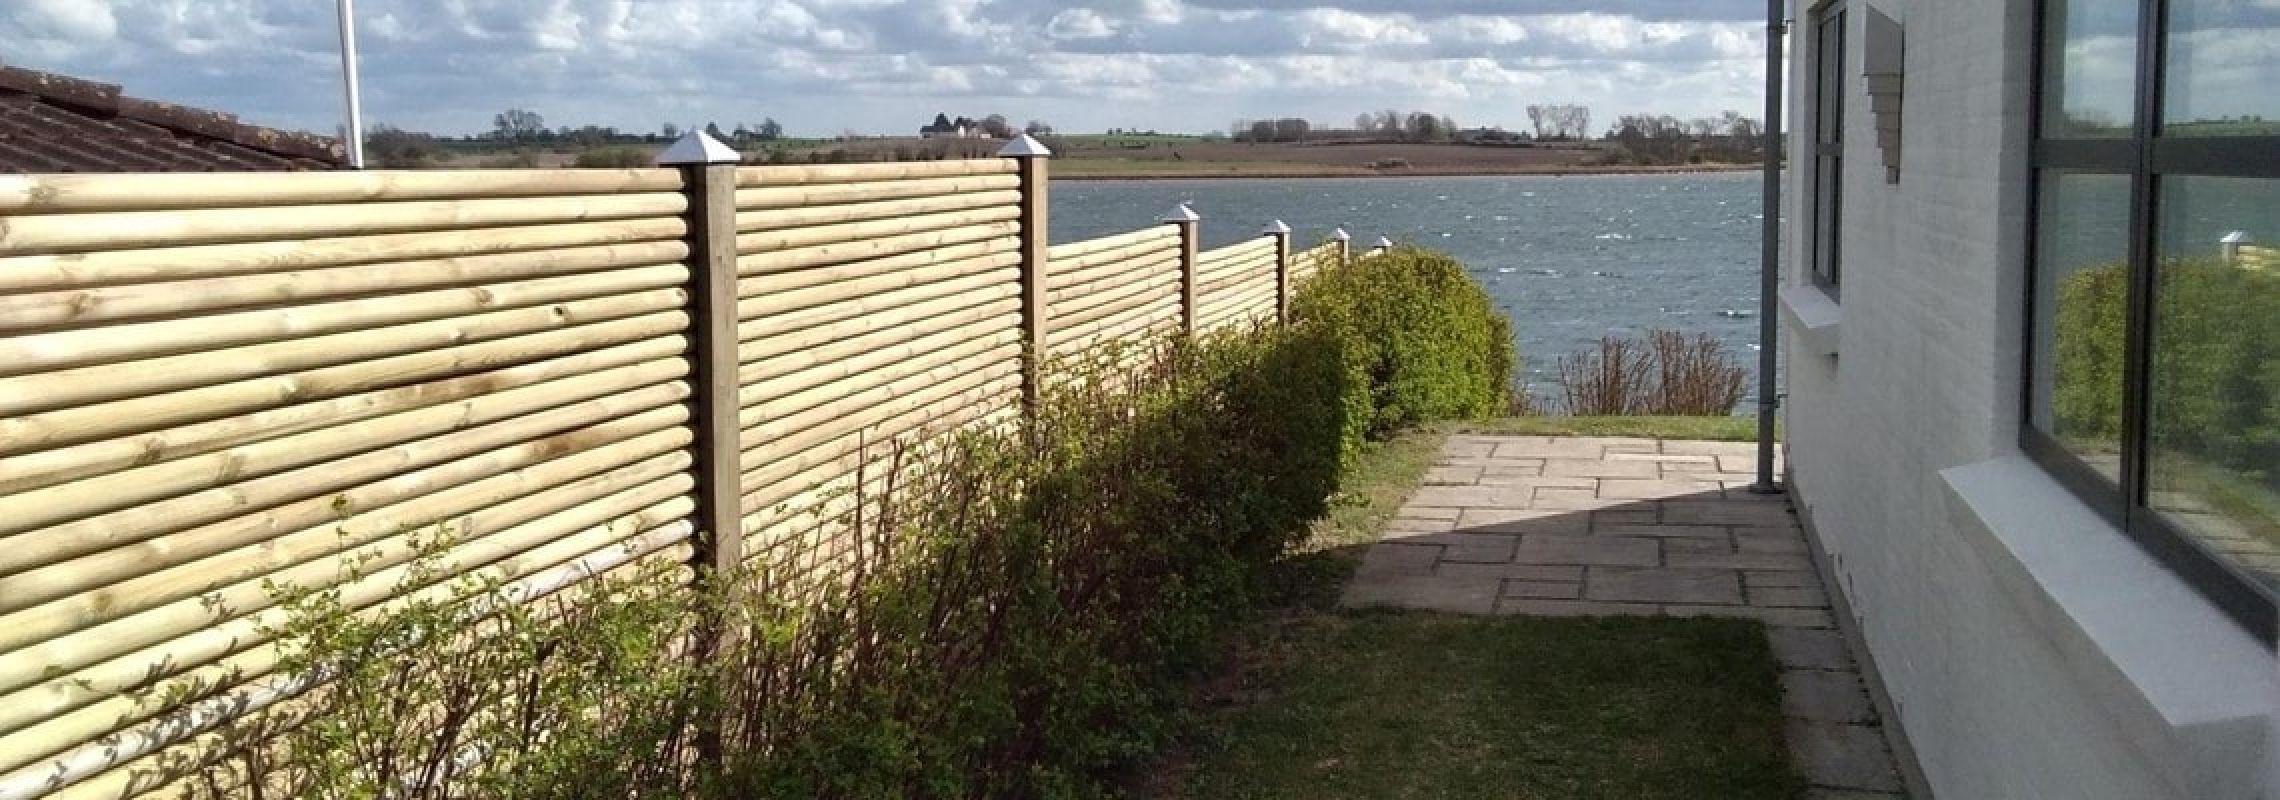 Brug pithegn til dit næste hegnprojekt